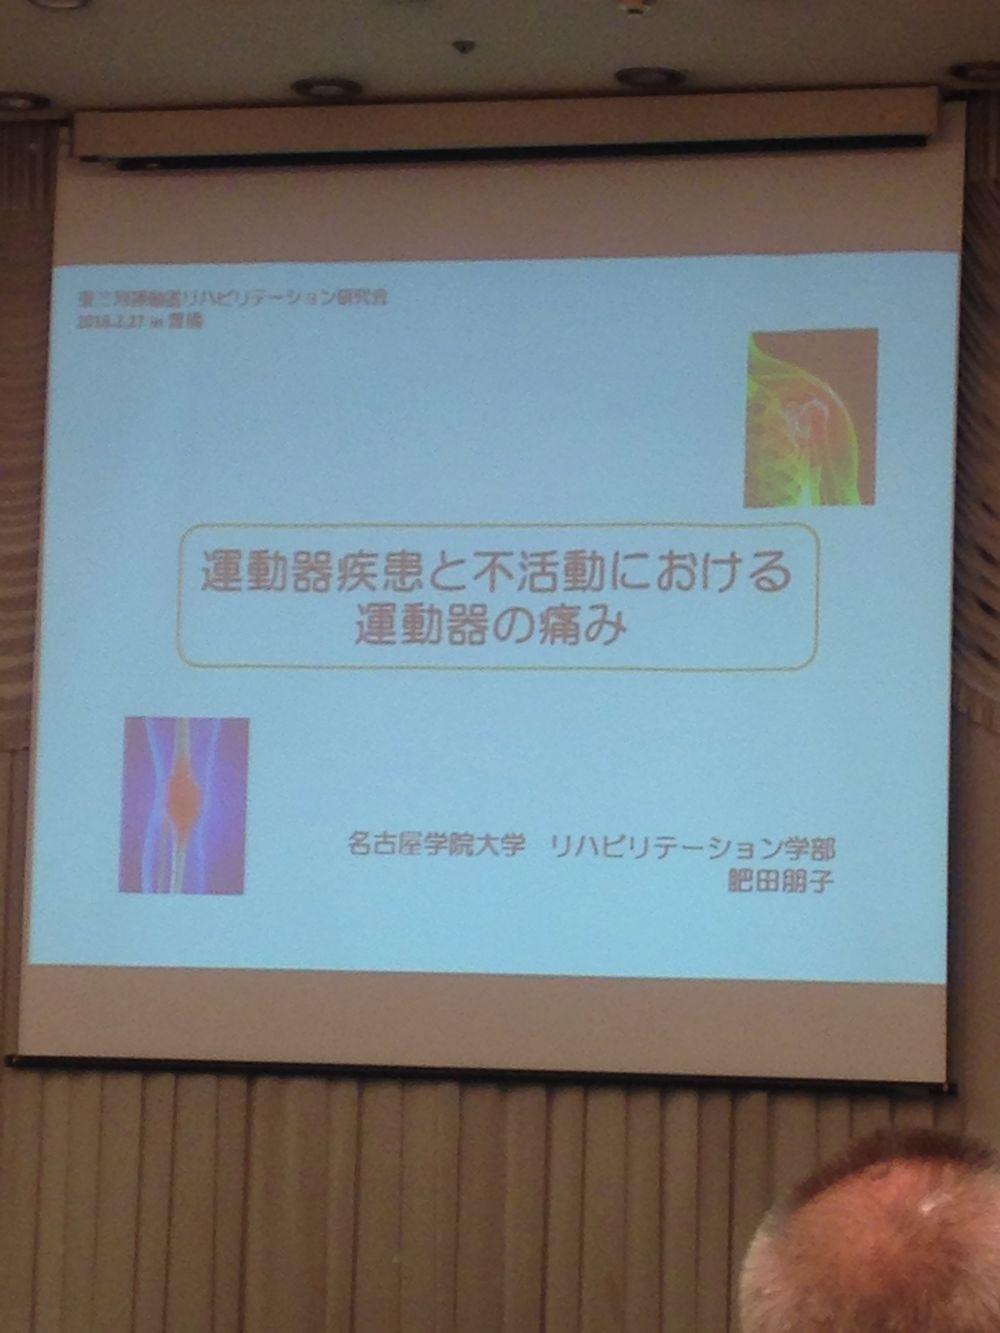 東三河運動器リハビリテーション研究会_c0234975_8583964.jpg